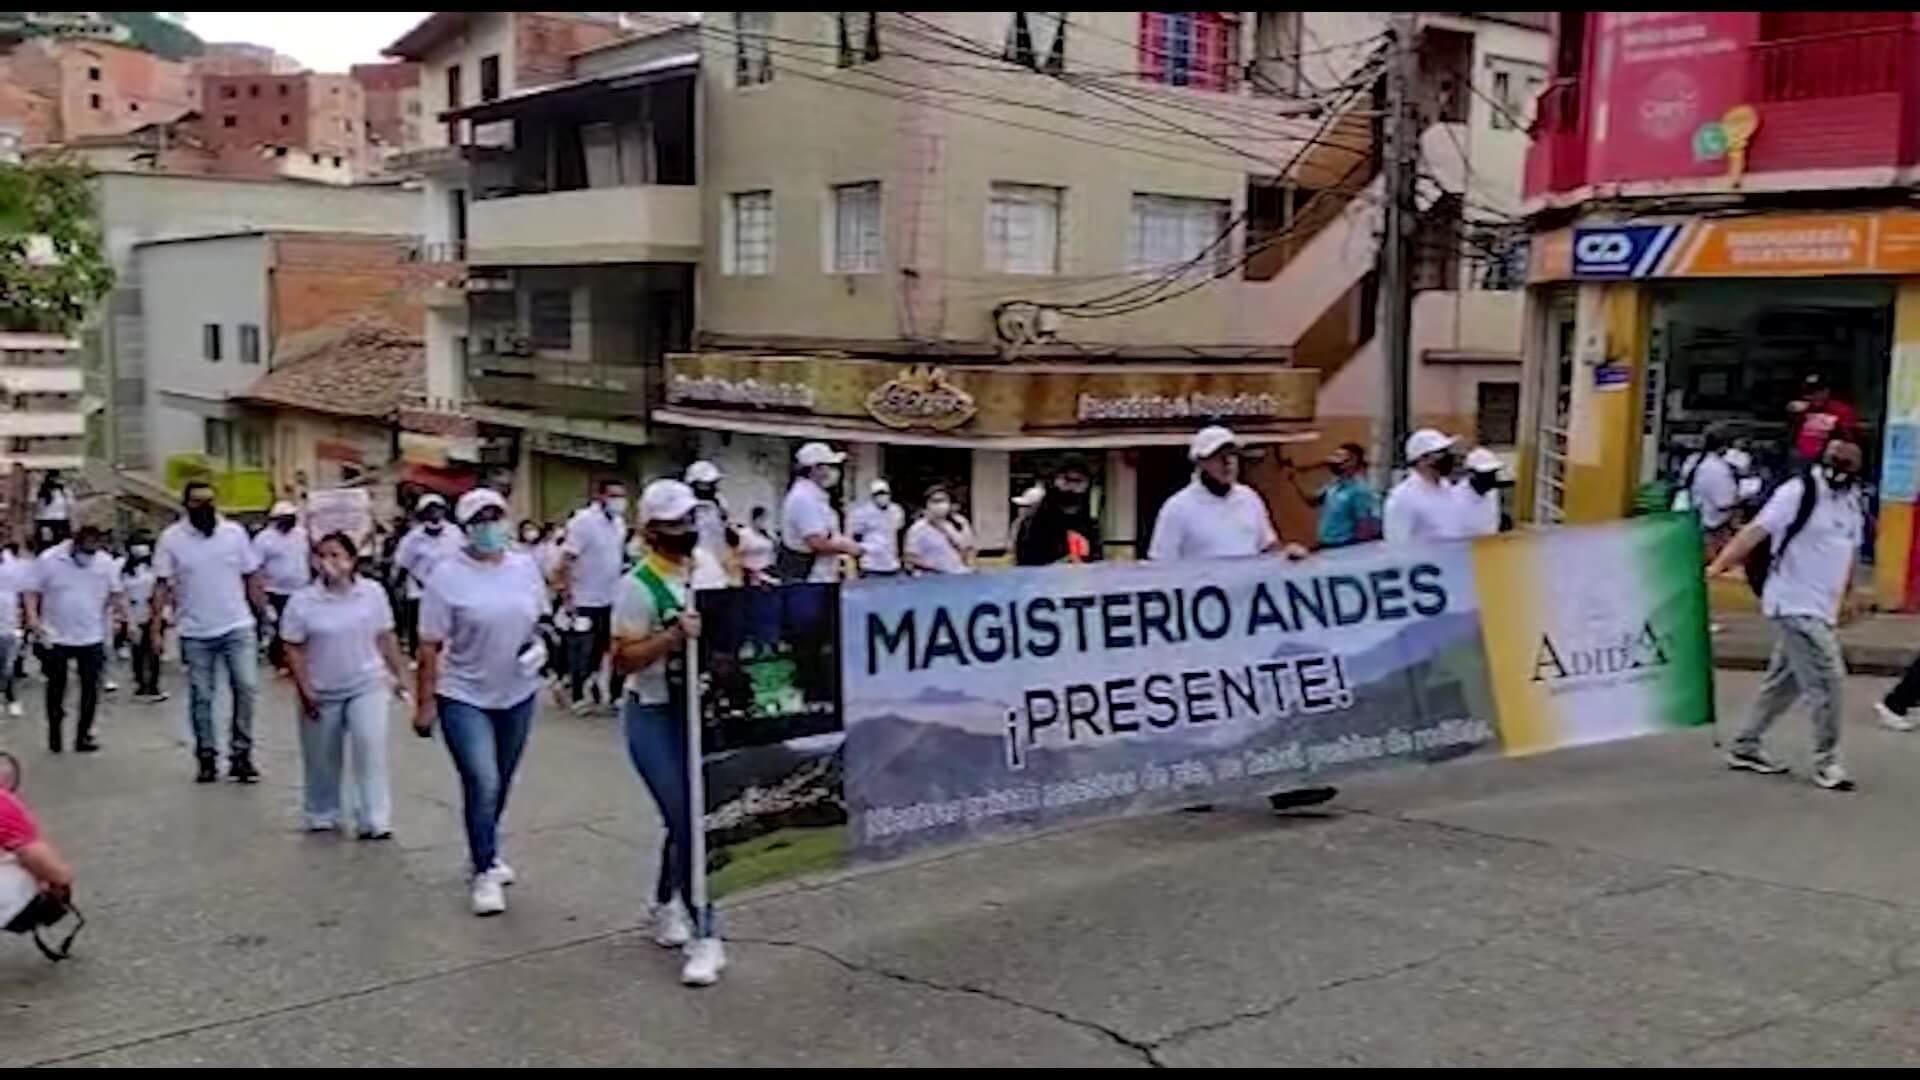 Manifestaciones y protestas hoy en diferentes municipios